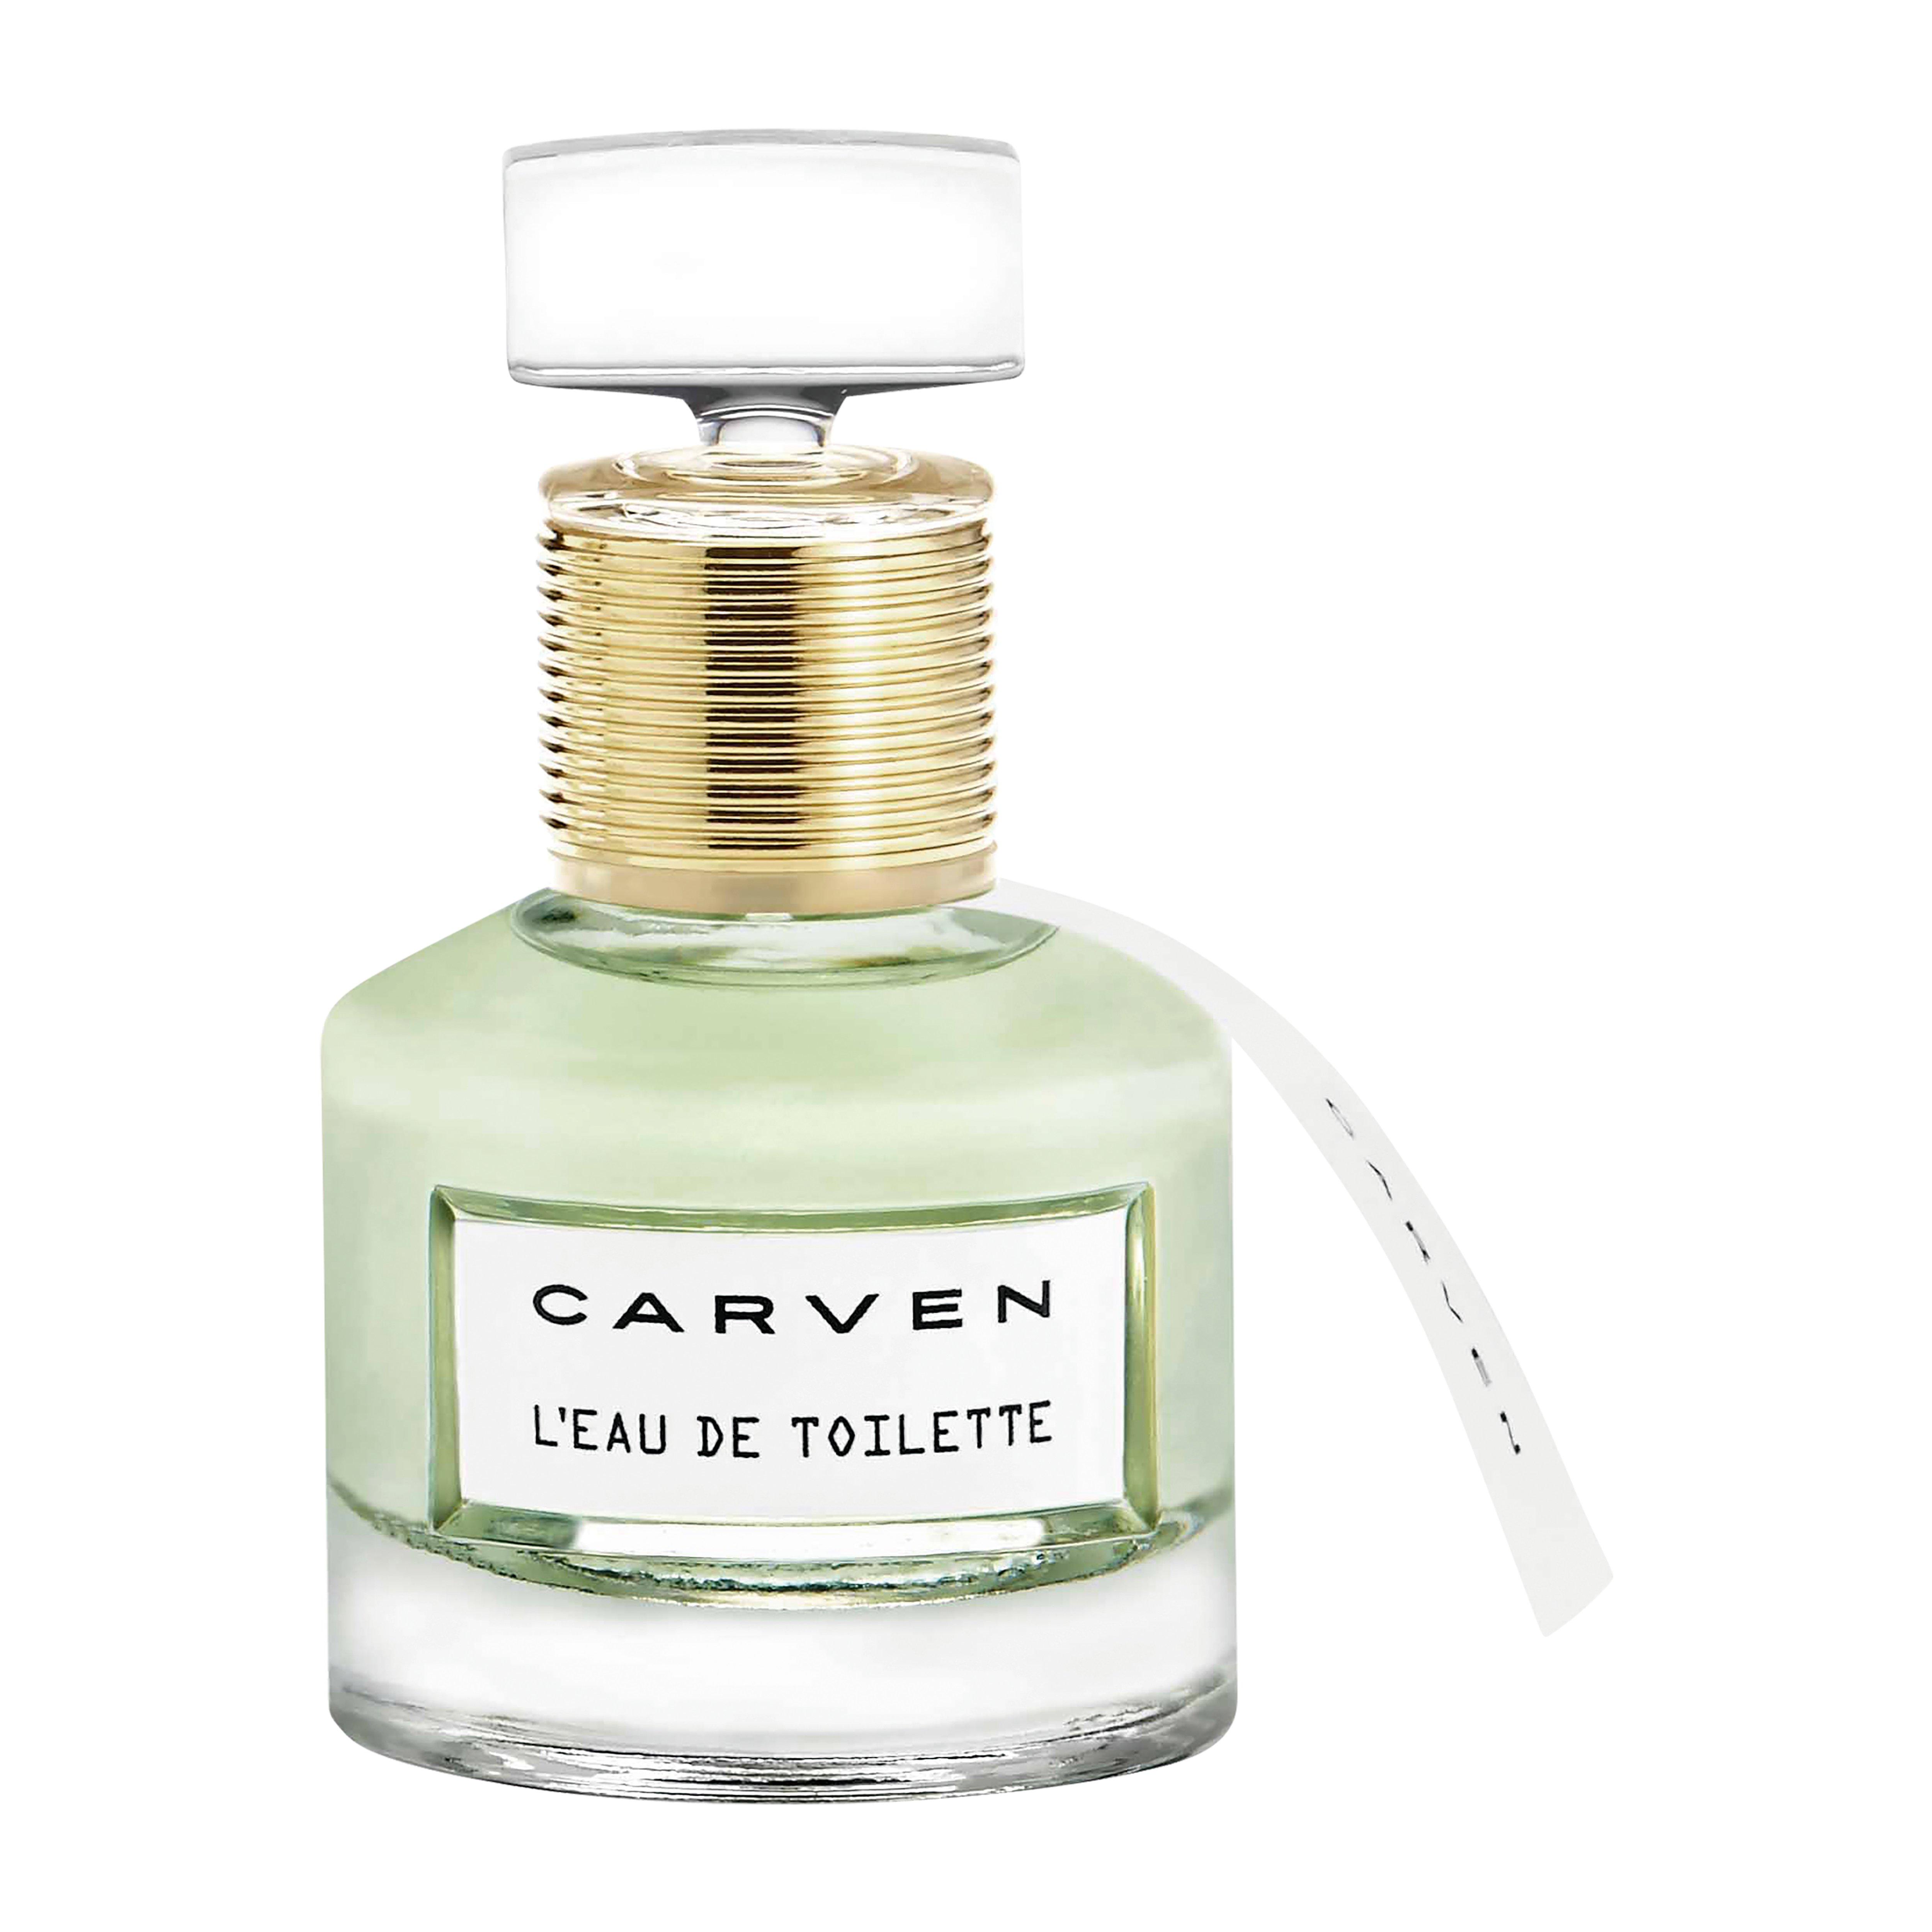 Carven - L'eau De Toilette EDT 30 ml